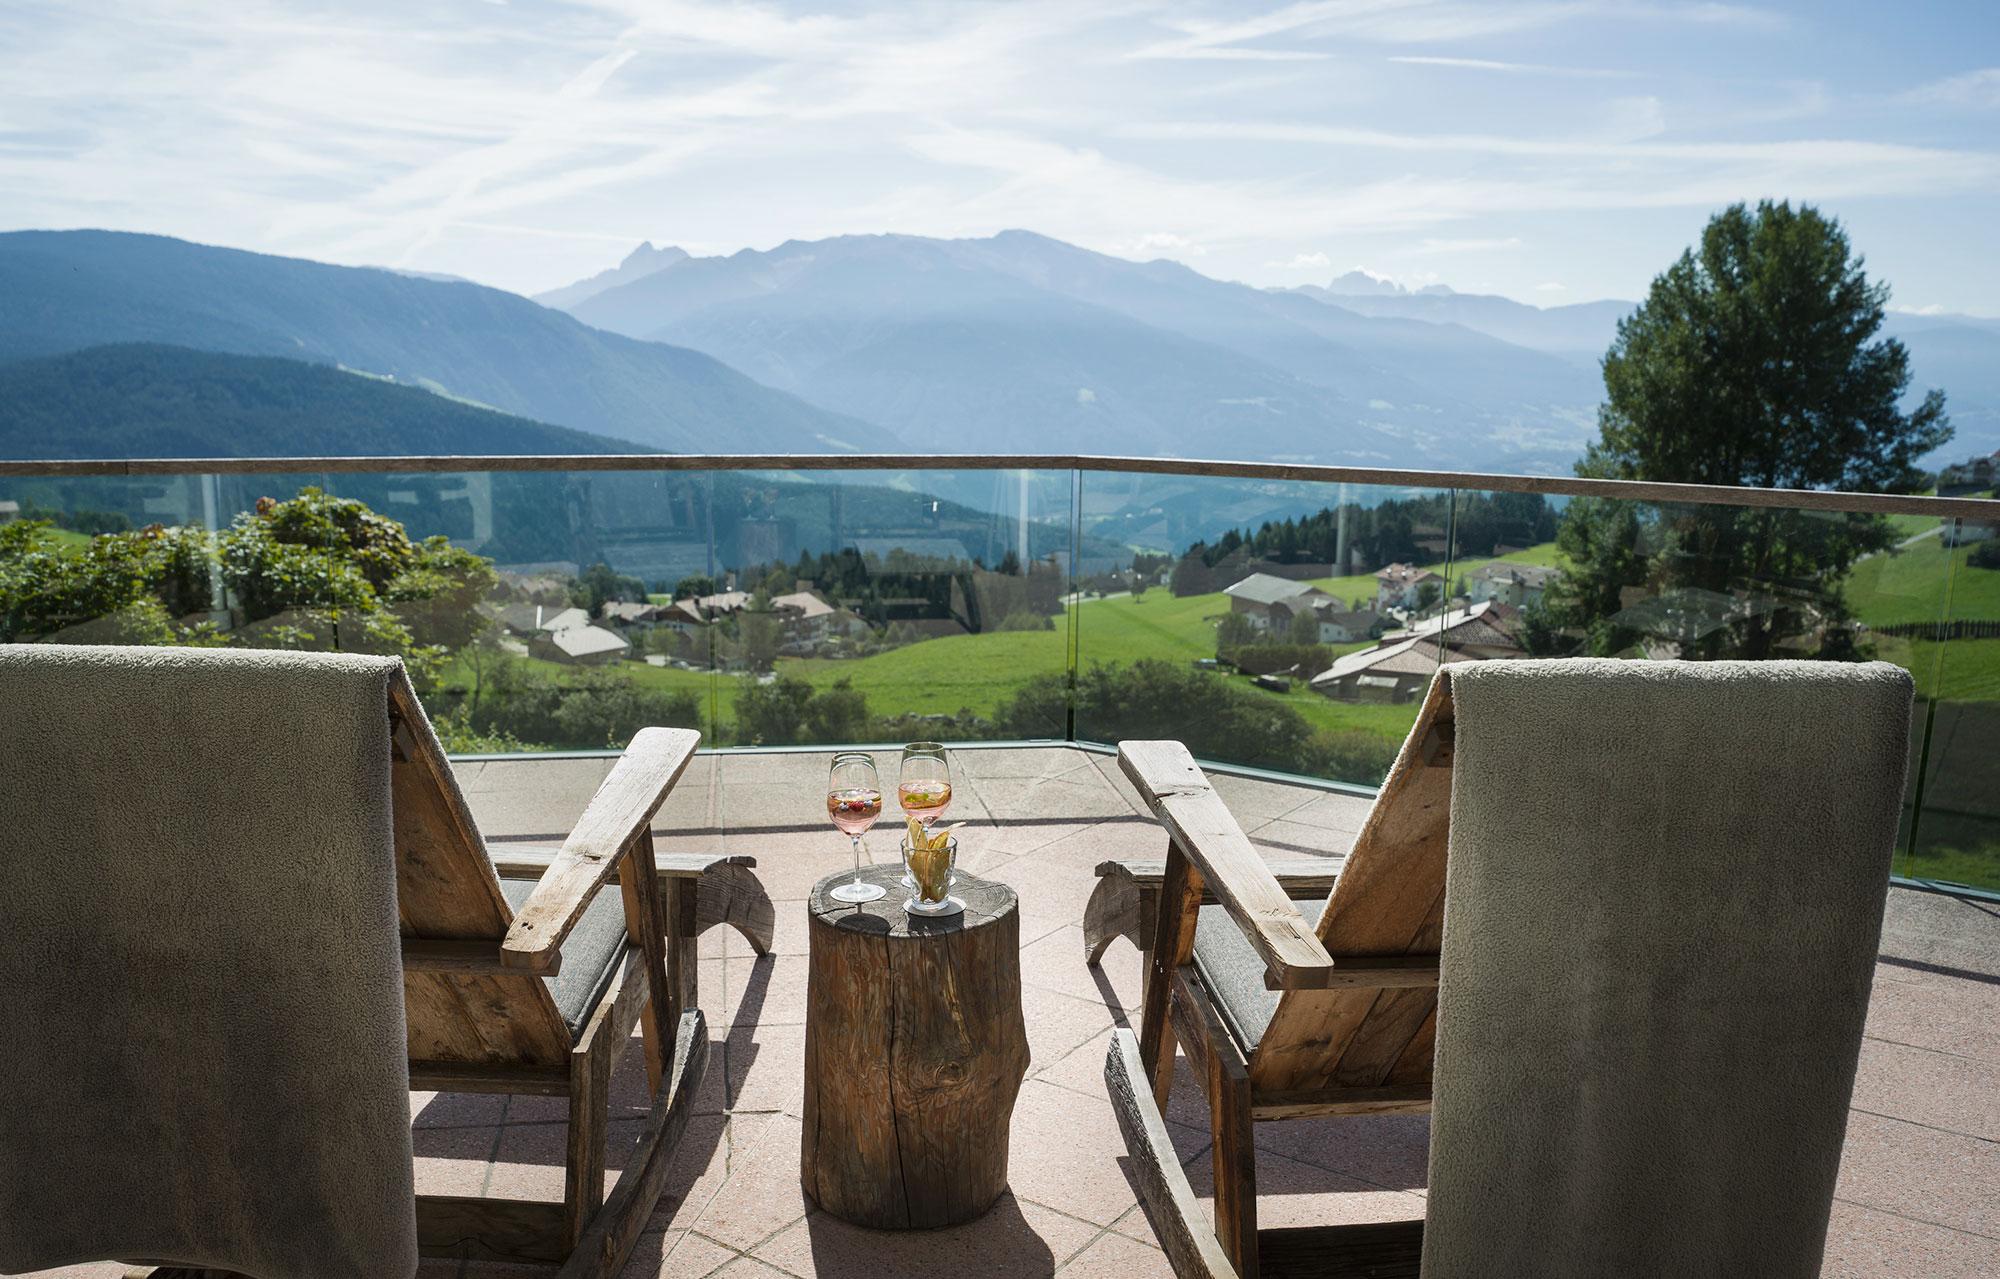 Den sommerlichen Aperitif an lauen Sommerabenden auf dem Balkon genießen